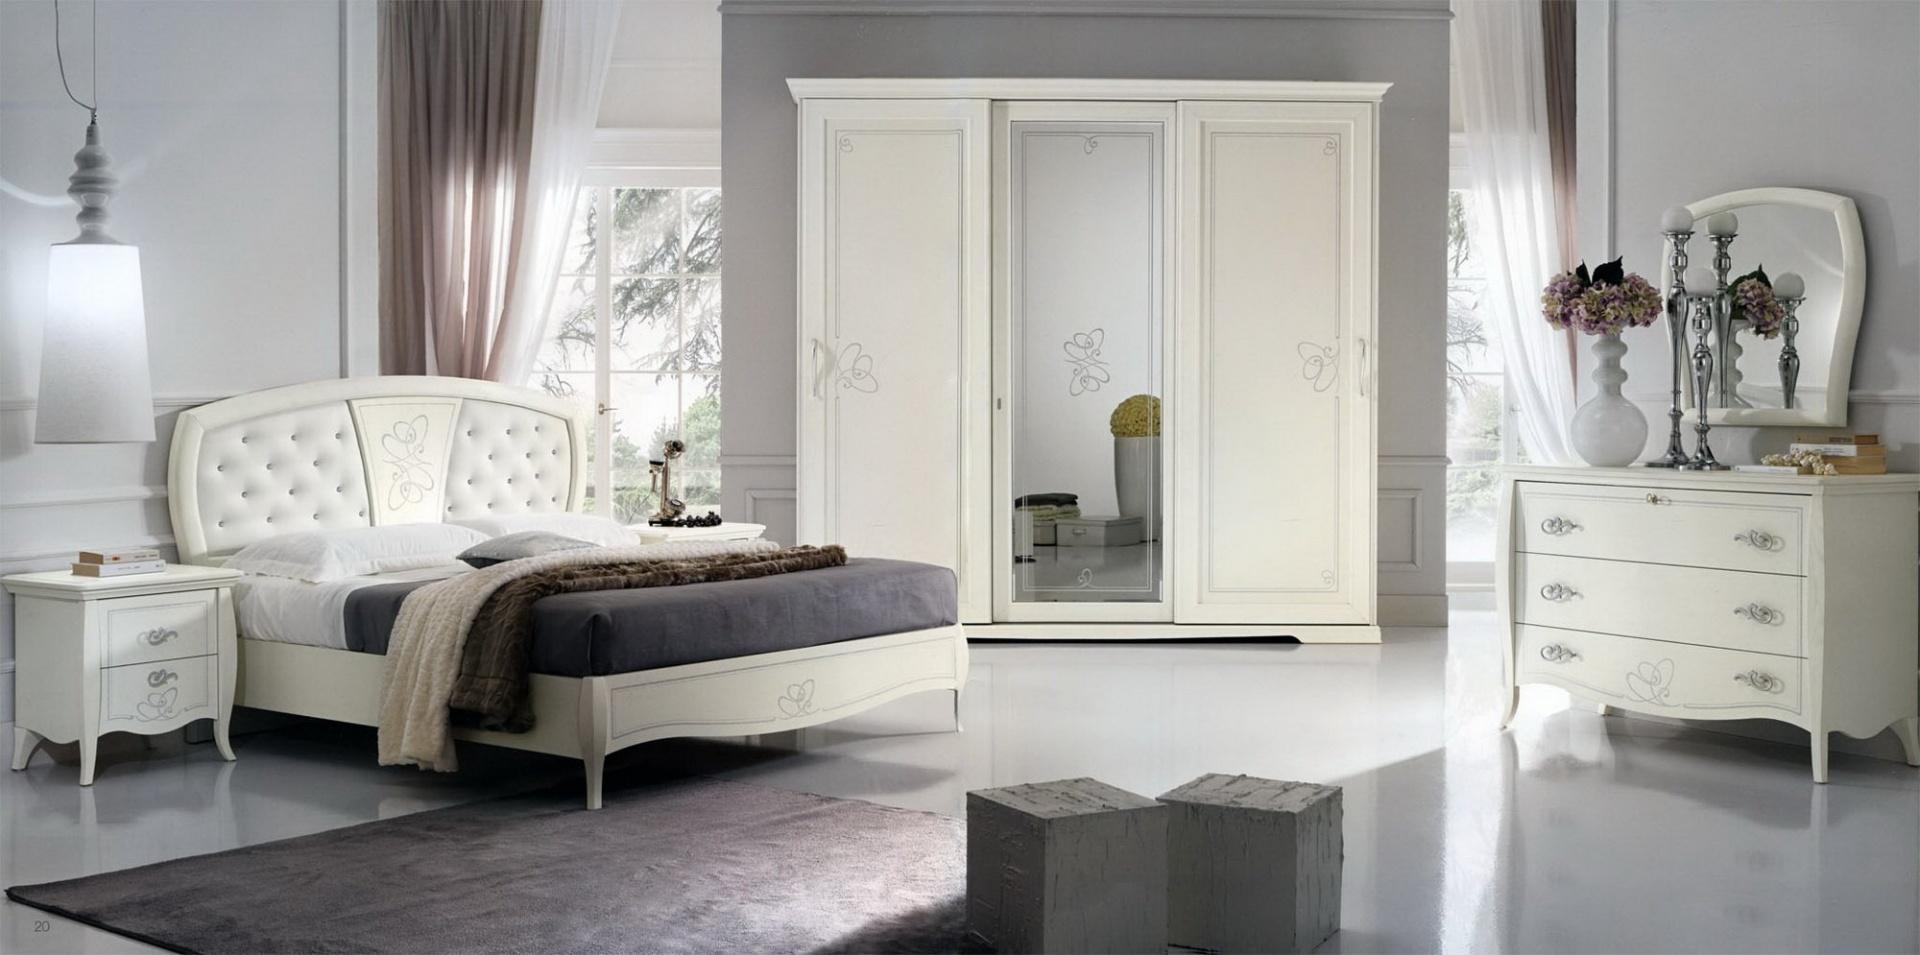 Ninfea Классическая спальня IM153